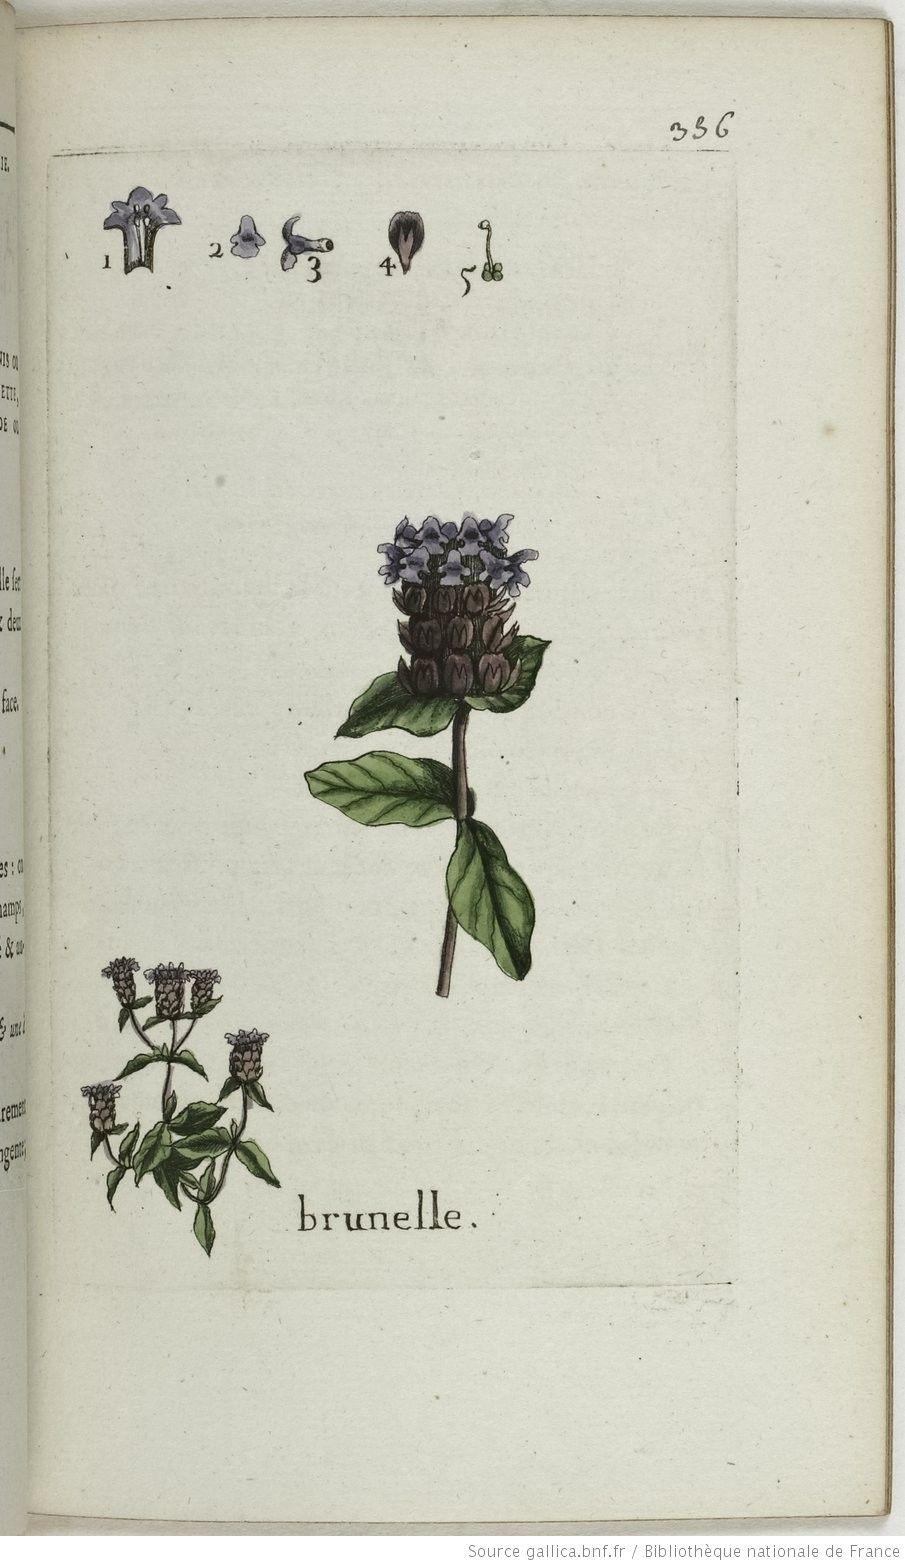 BRUNELLA - Brunella vulgaris. La brunelle / La brunette / Le brunis ou brunion / La prunelle / La bonnette / La fausse ou petite consoude ou consire